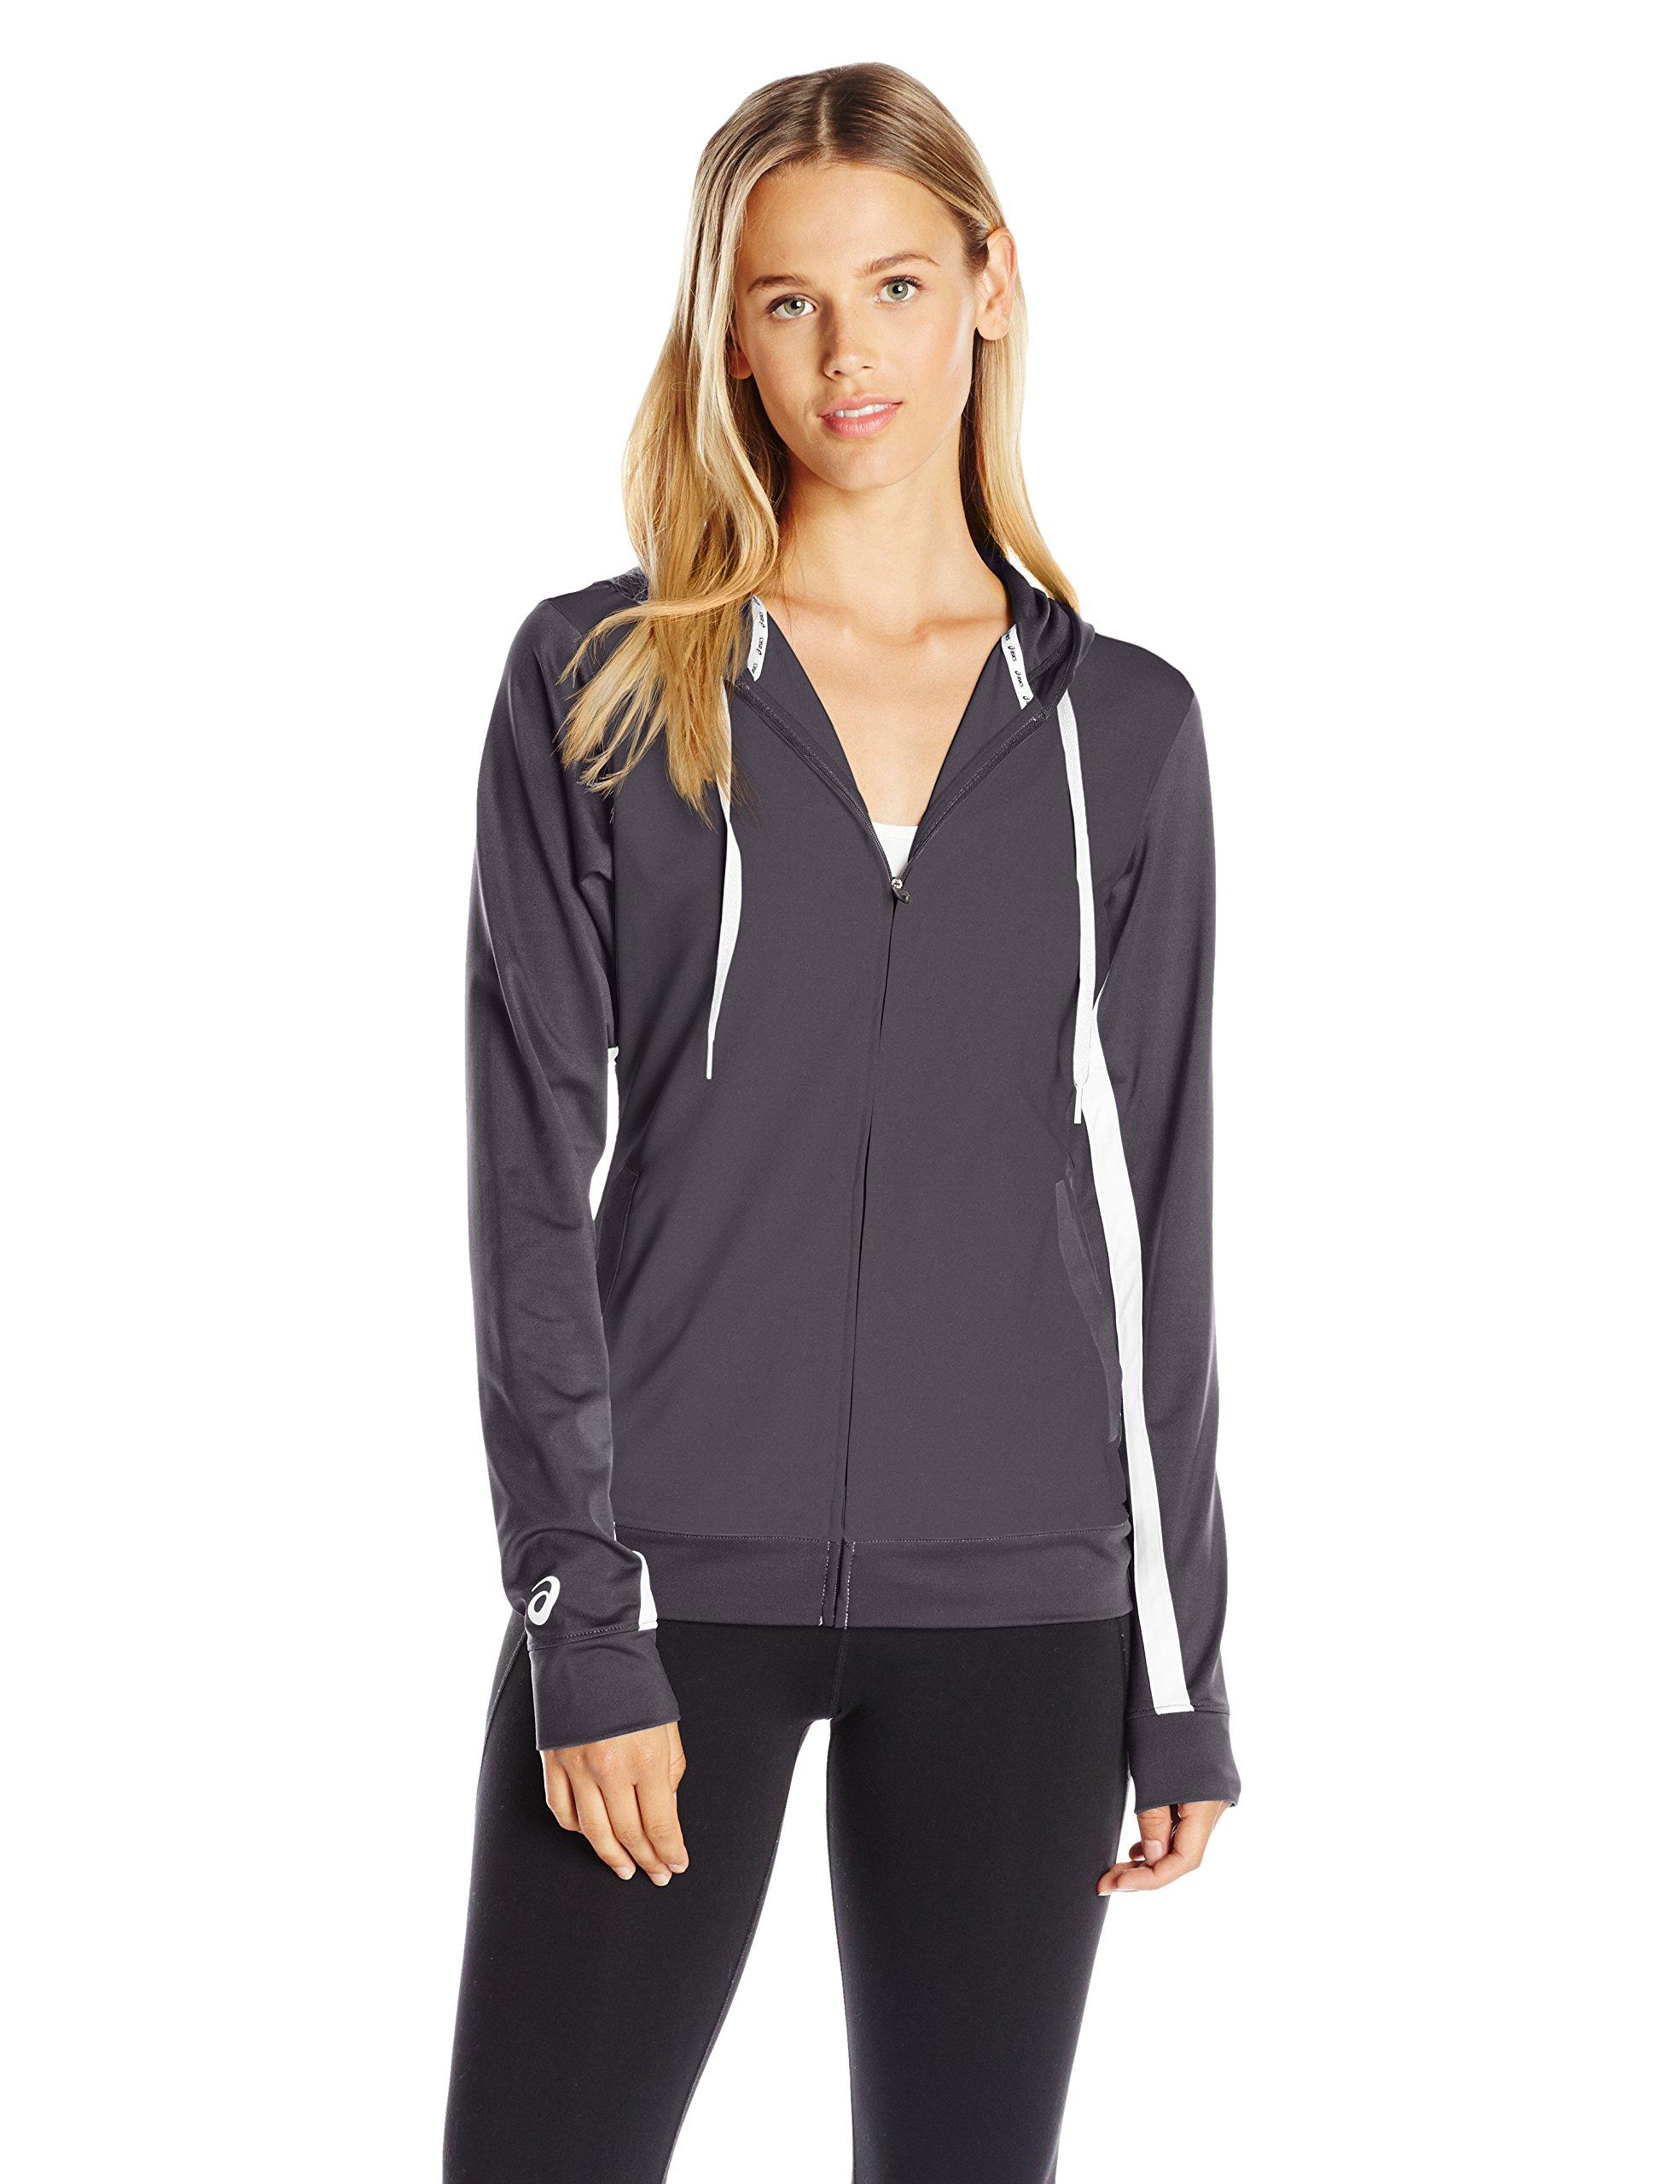 ASICS LANI Jacket, Steel Grey, Large